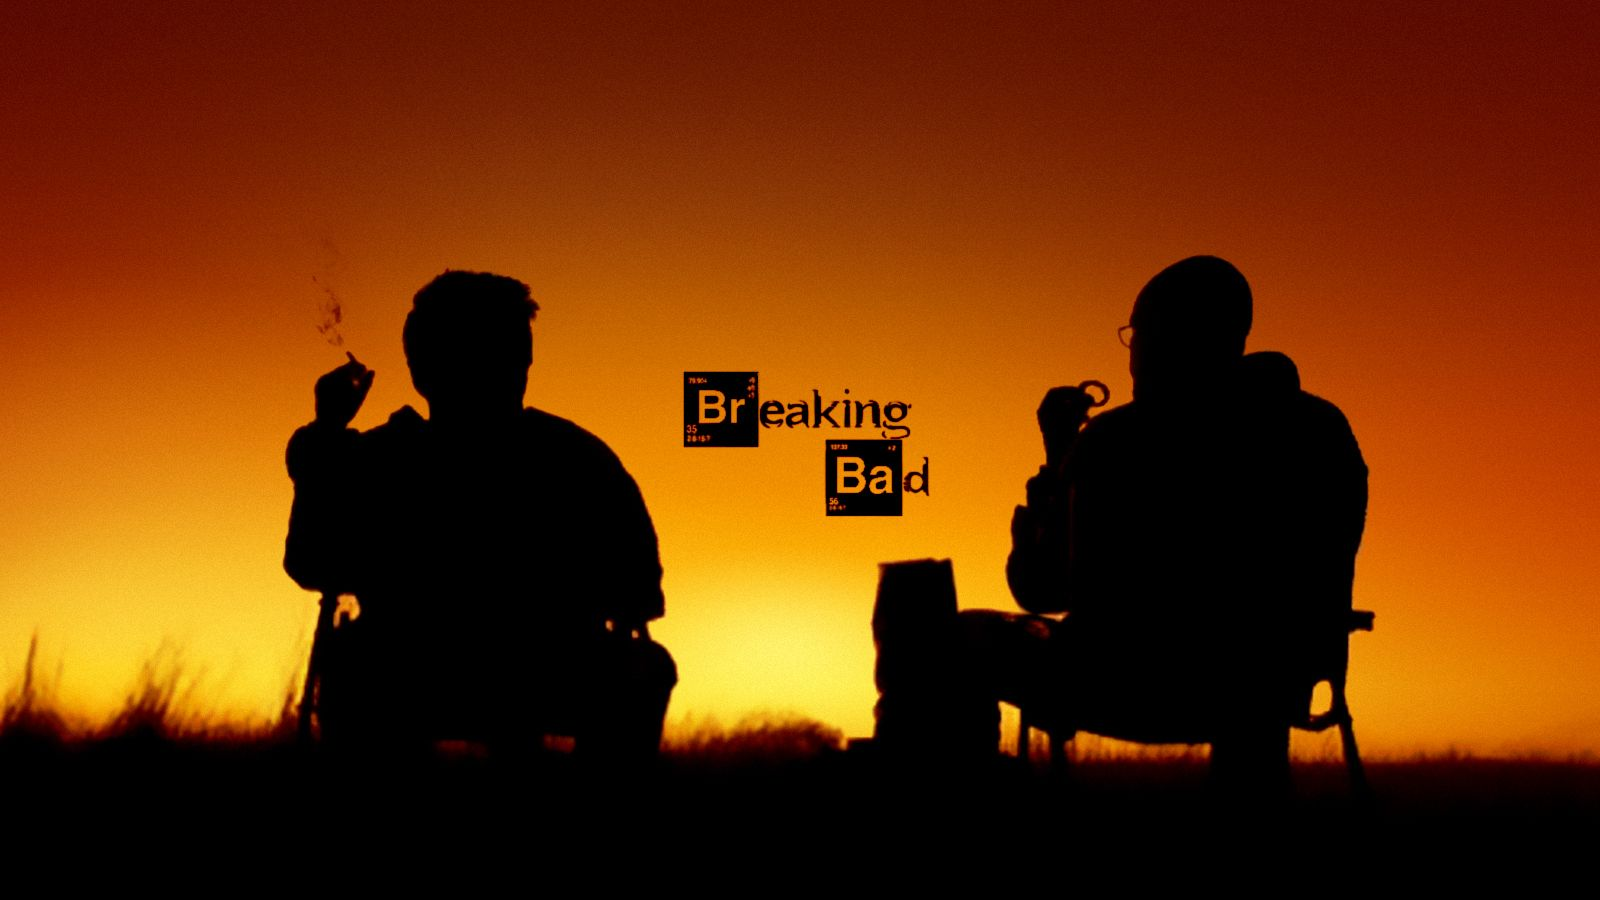 Breaking Bad Wallpapers 1080p ~ Sdeerwallpaper | Breaking bad in 2019 | Bad picture, Breaking ...